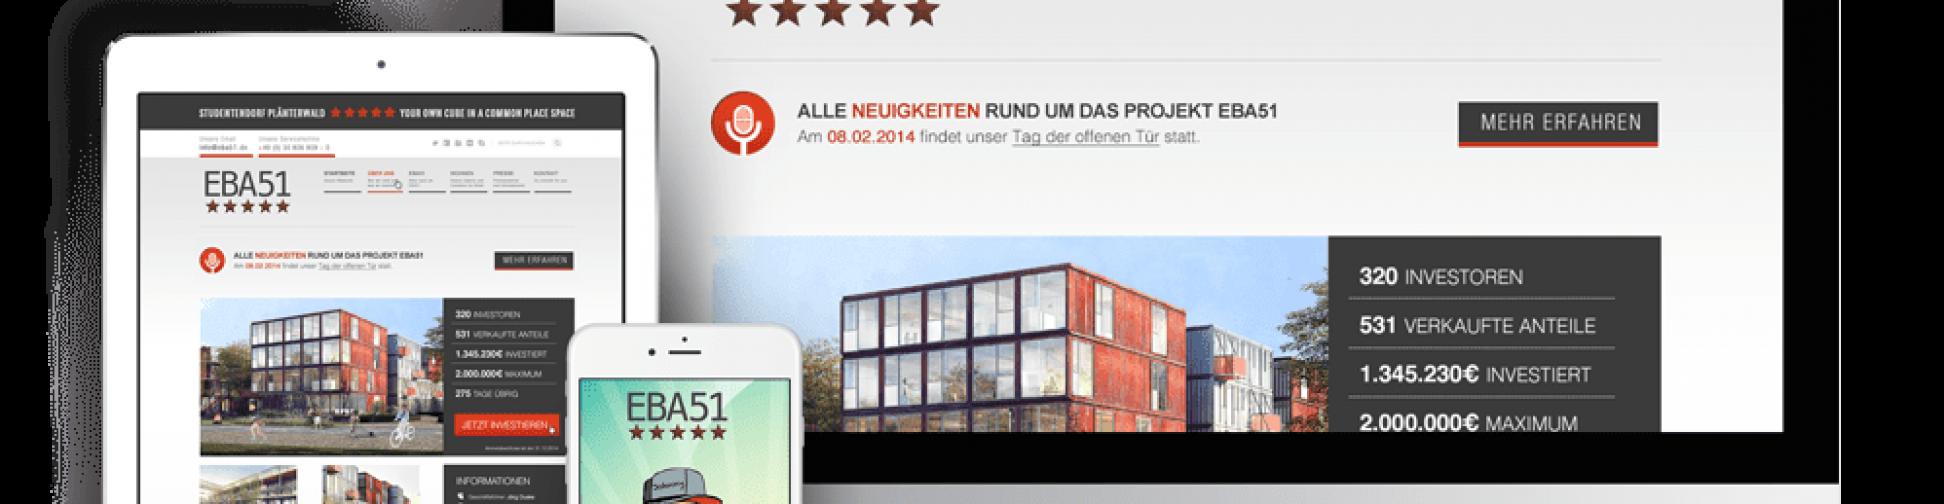 eba51-patrick-krisch-mediengestalter-portfolio-min_preview